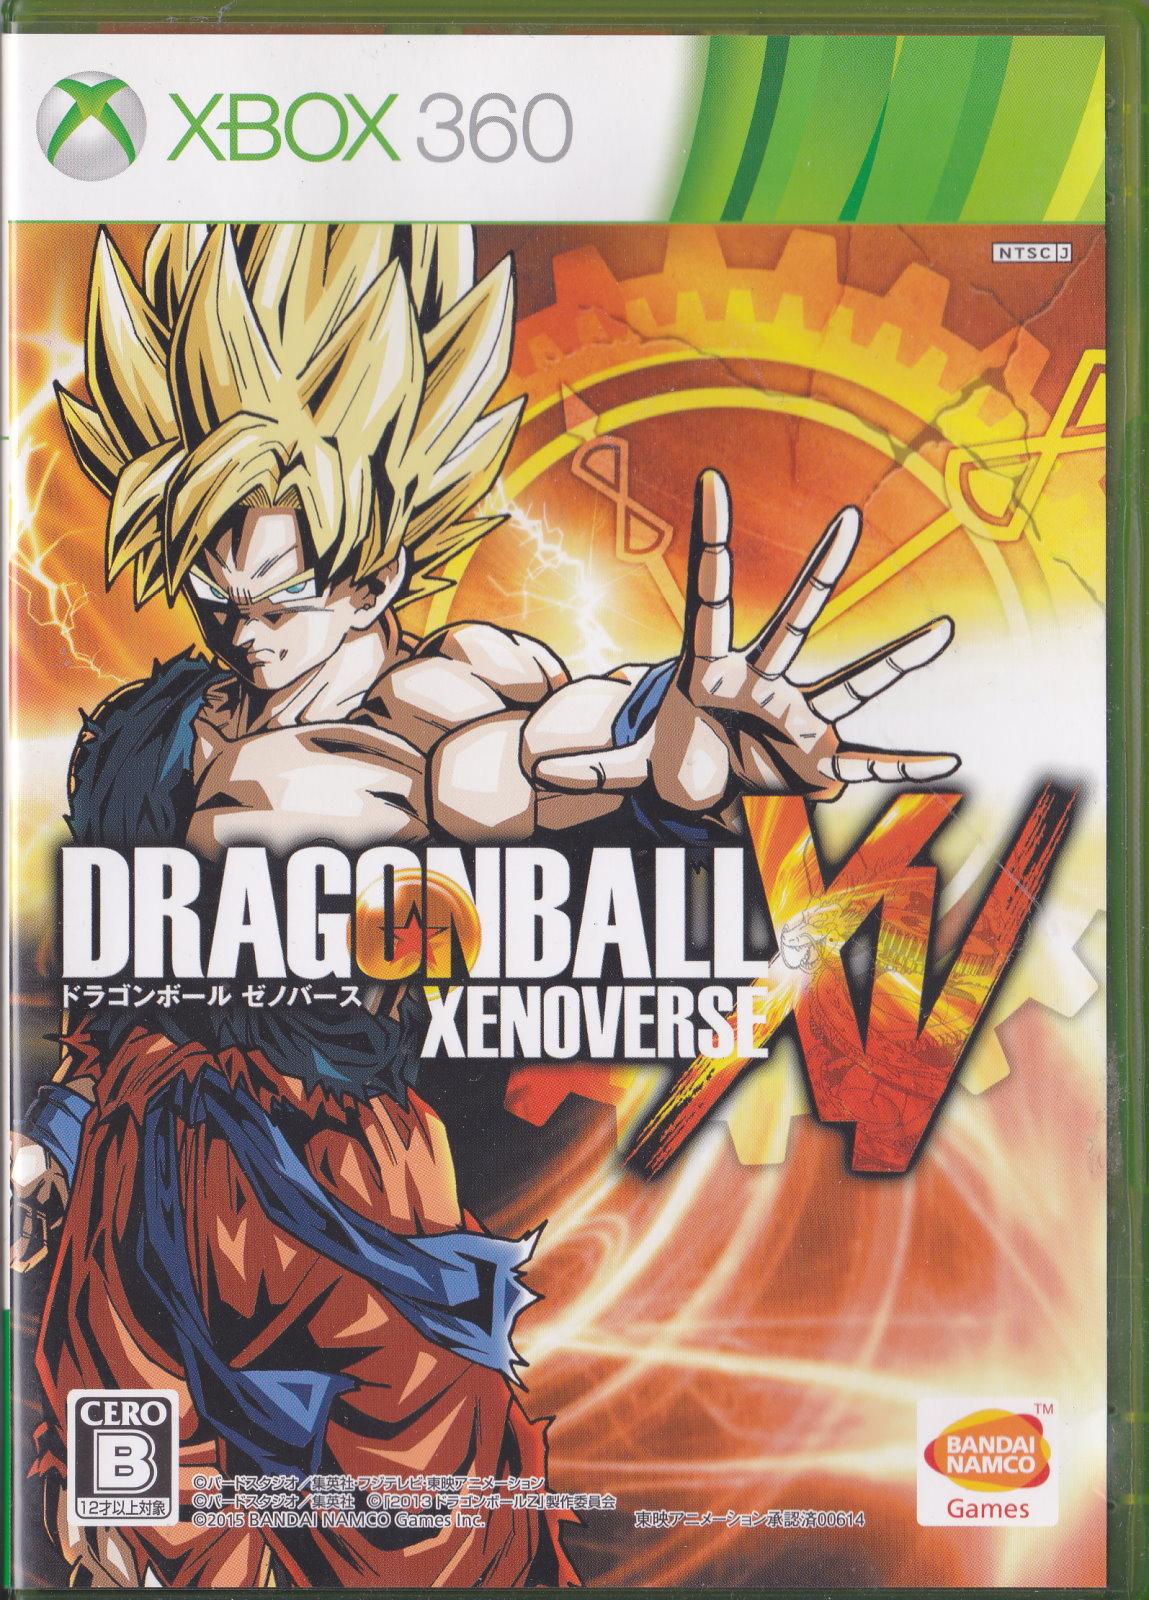 Xbox 360 Dragonball XenoverseXV